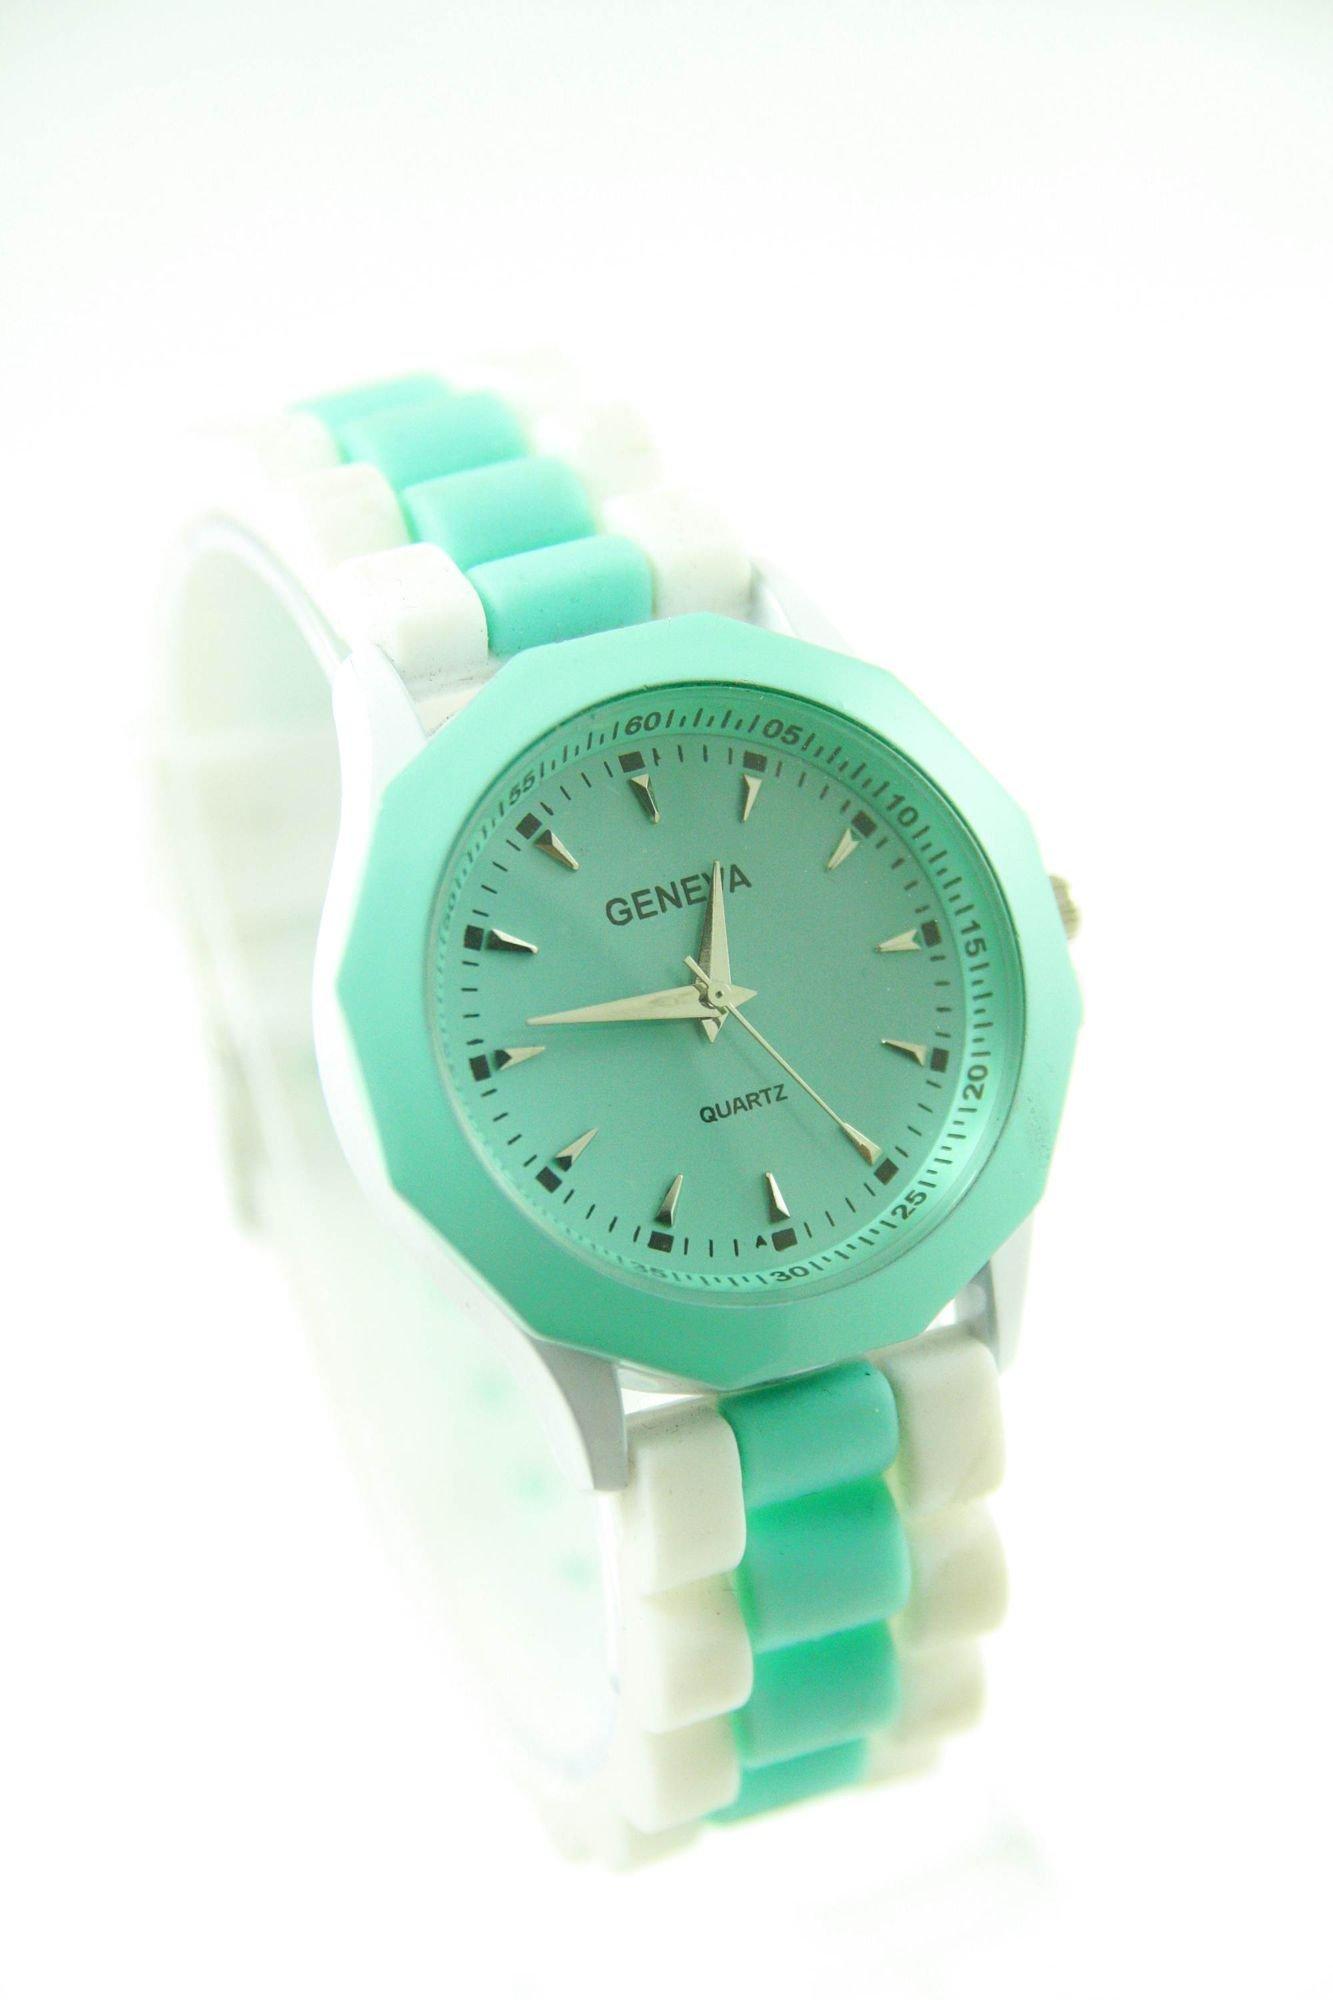 GENEVA Miętowo-biały zegarek damski na silikonowym pasku                                  zdj.                                  1